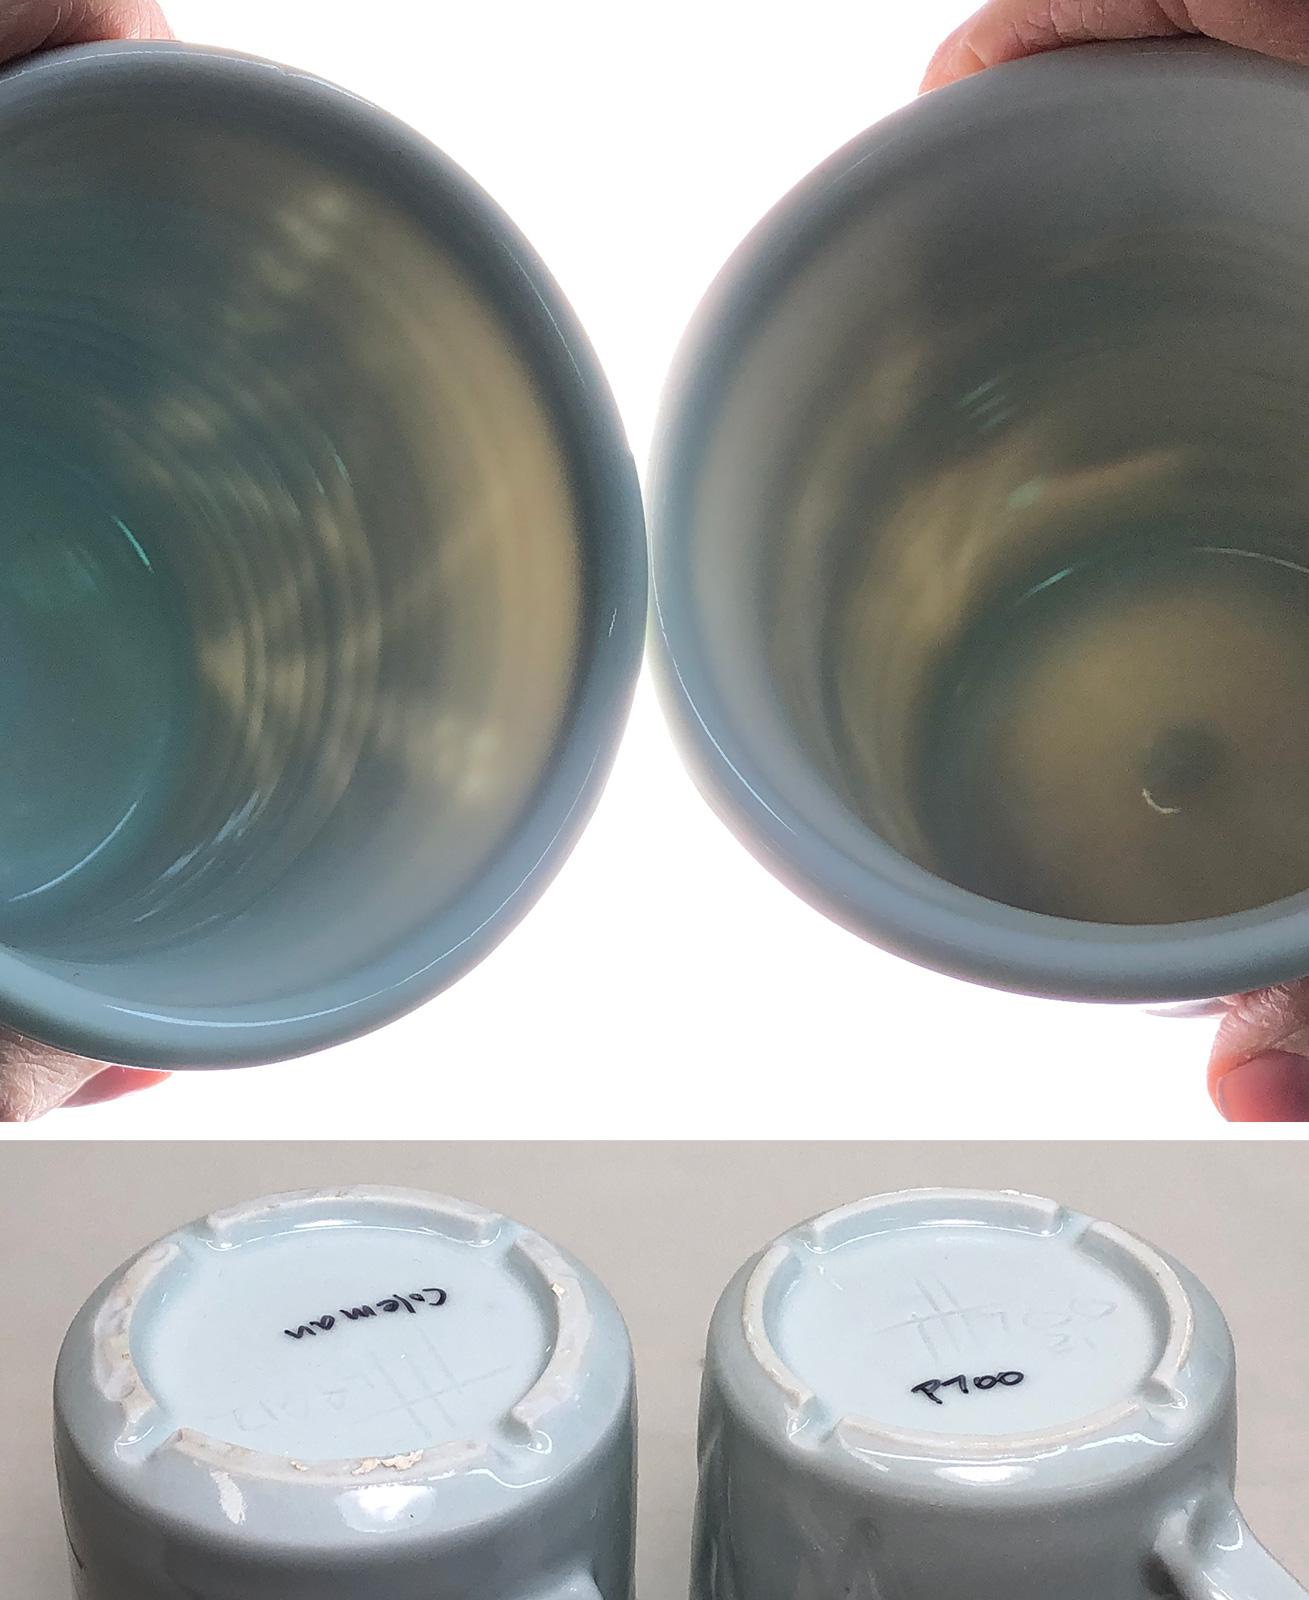 How much feldspar to using in a Grolleg porcelain